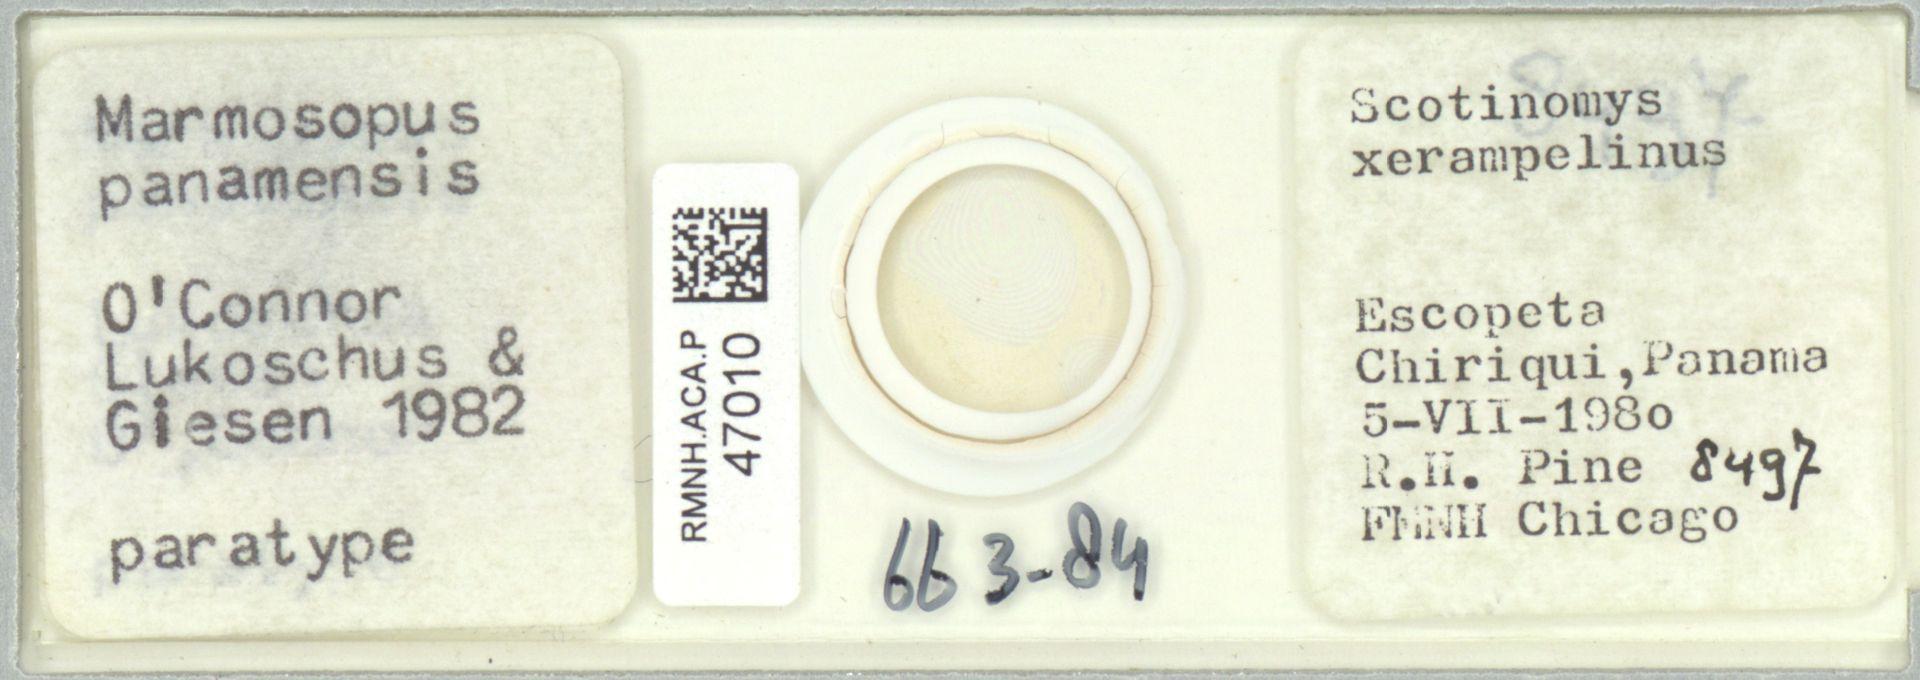 RMNH.ACA.P.47010 | Marmosopus panamensis O'Connor Lukoschus & Giesen 1982